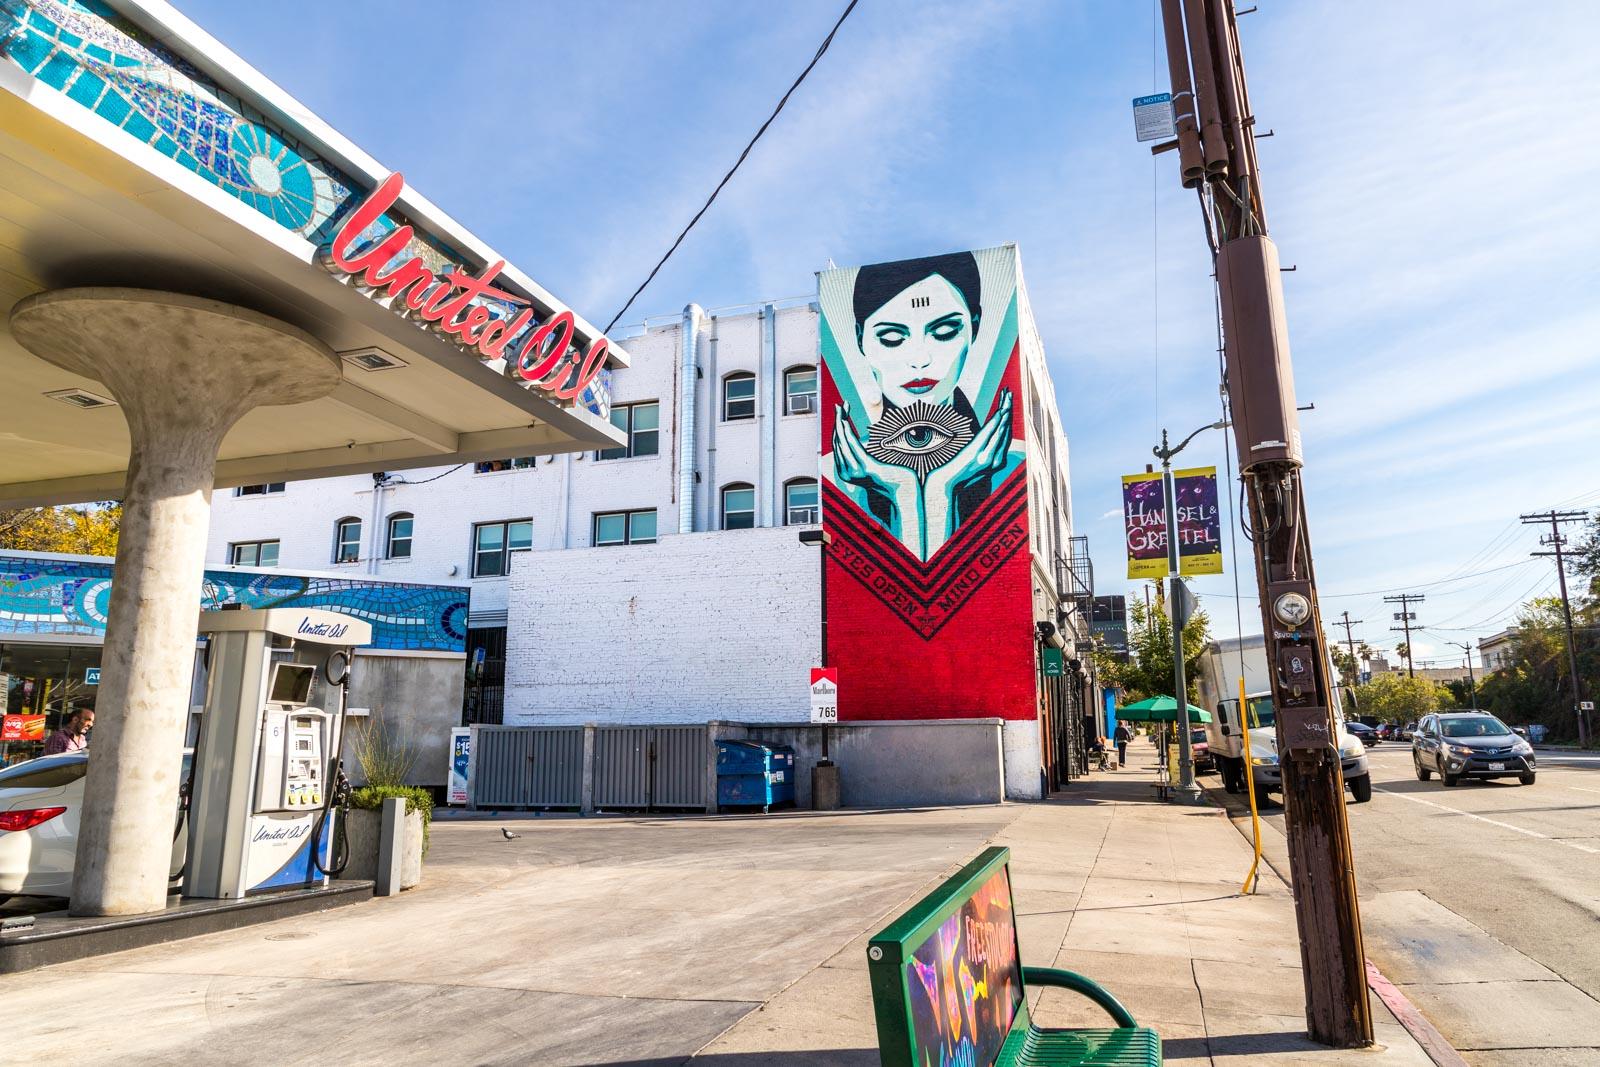 Los Angeles - Novembre 2018